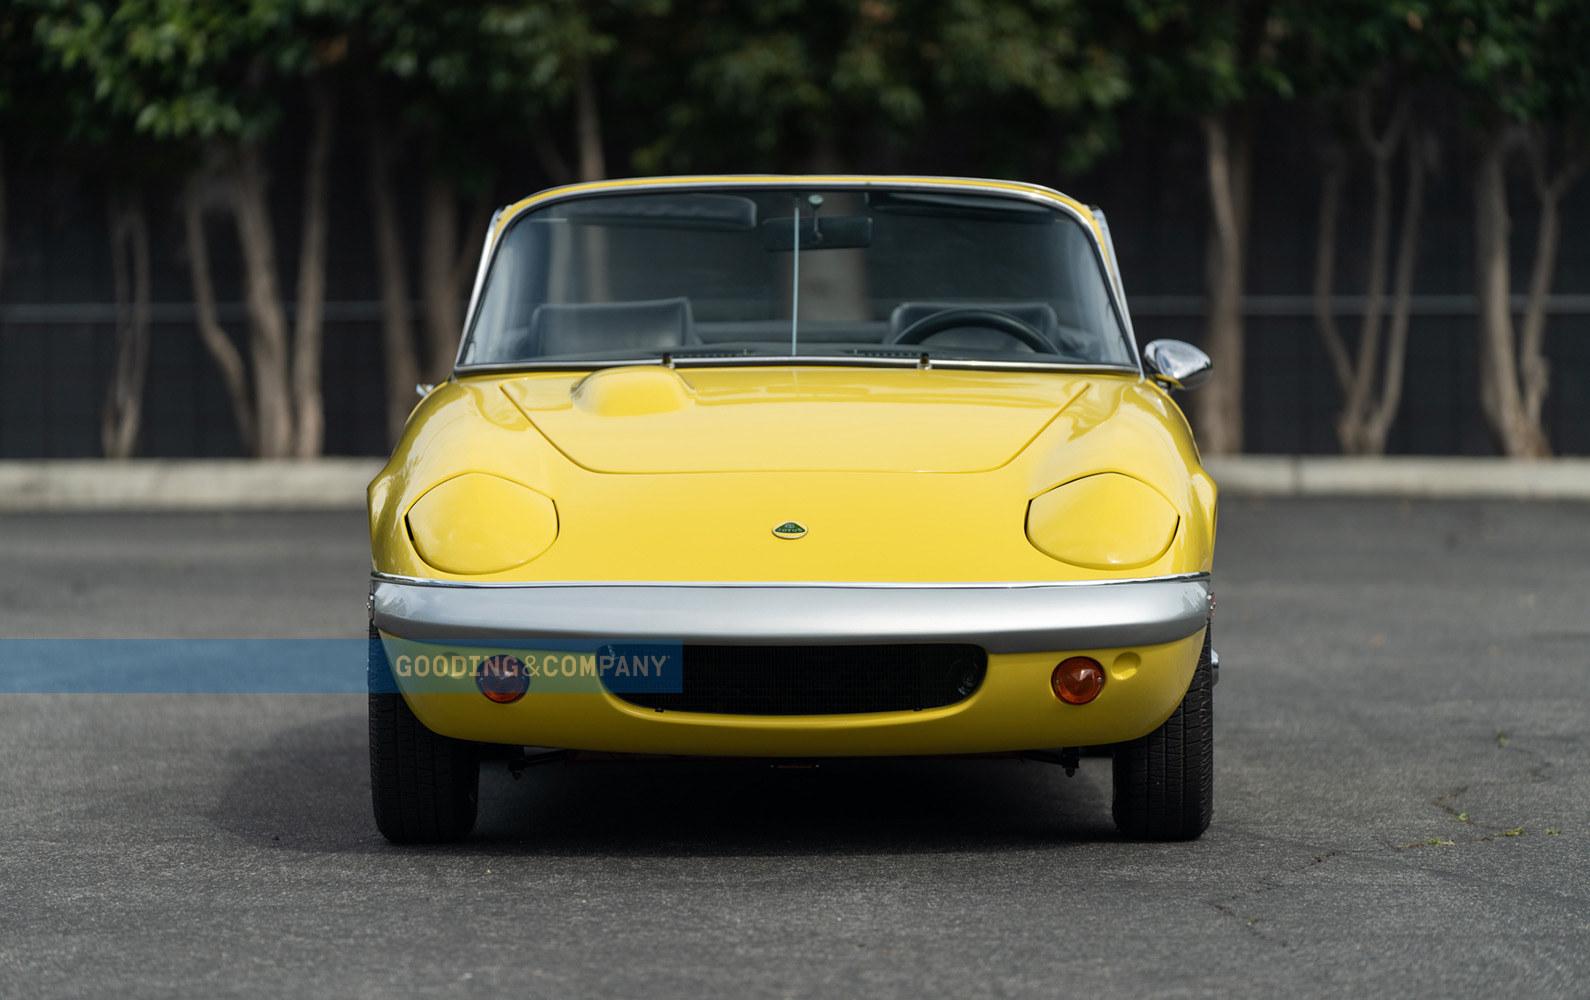 Yellow 1969 Lotus Elan SE-Front View, headlights down, Lucky Lotus Leasing